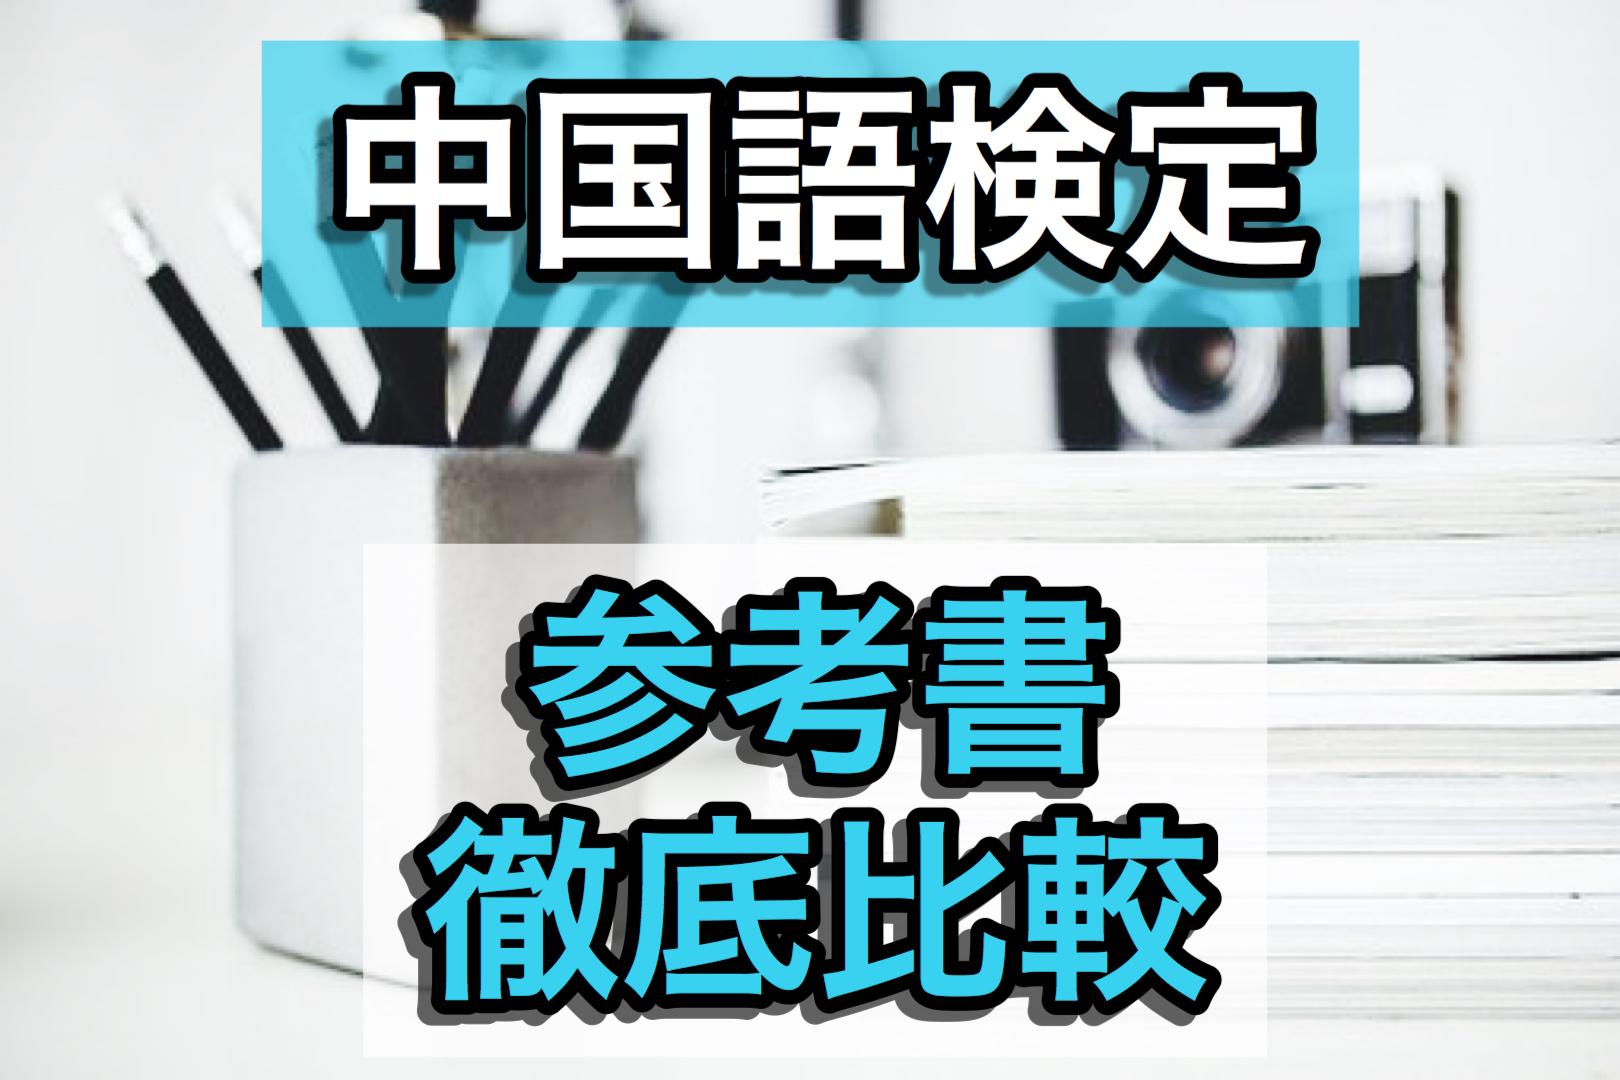 中国語検定 おすすめ 参考書 比較